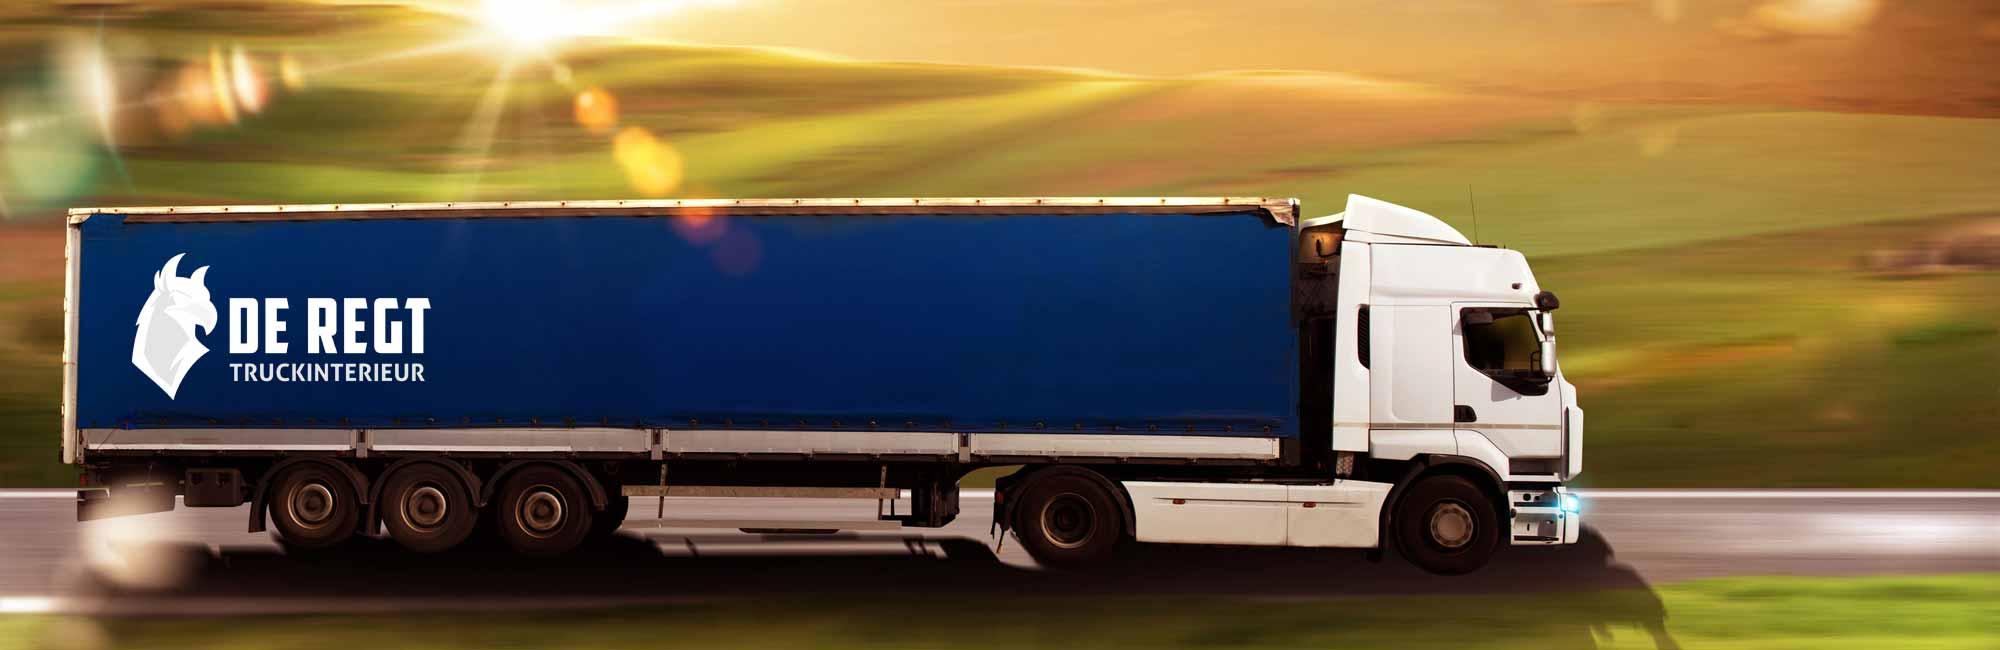 - Truckinterieur De Regt |  Vrachtwagenbekleding voor Scania, Volvo en DAF | Stadskanaal